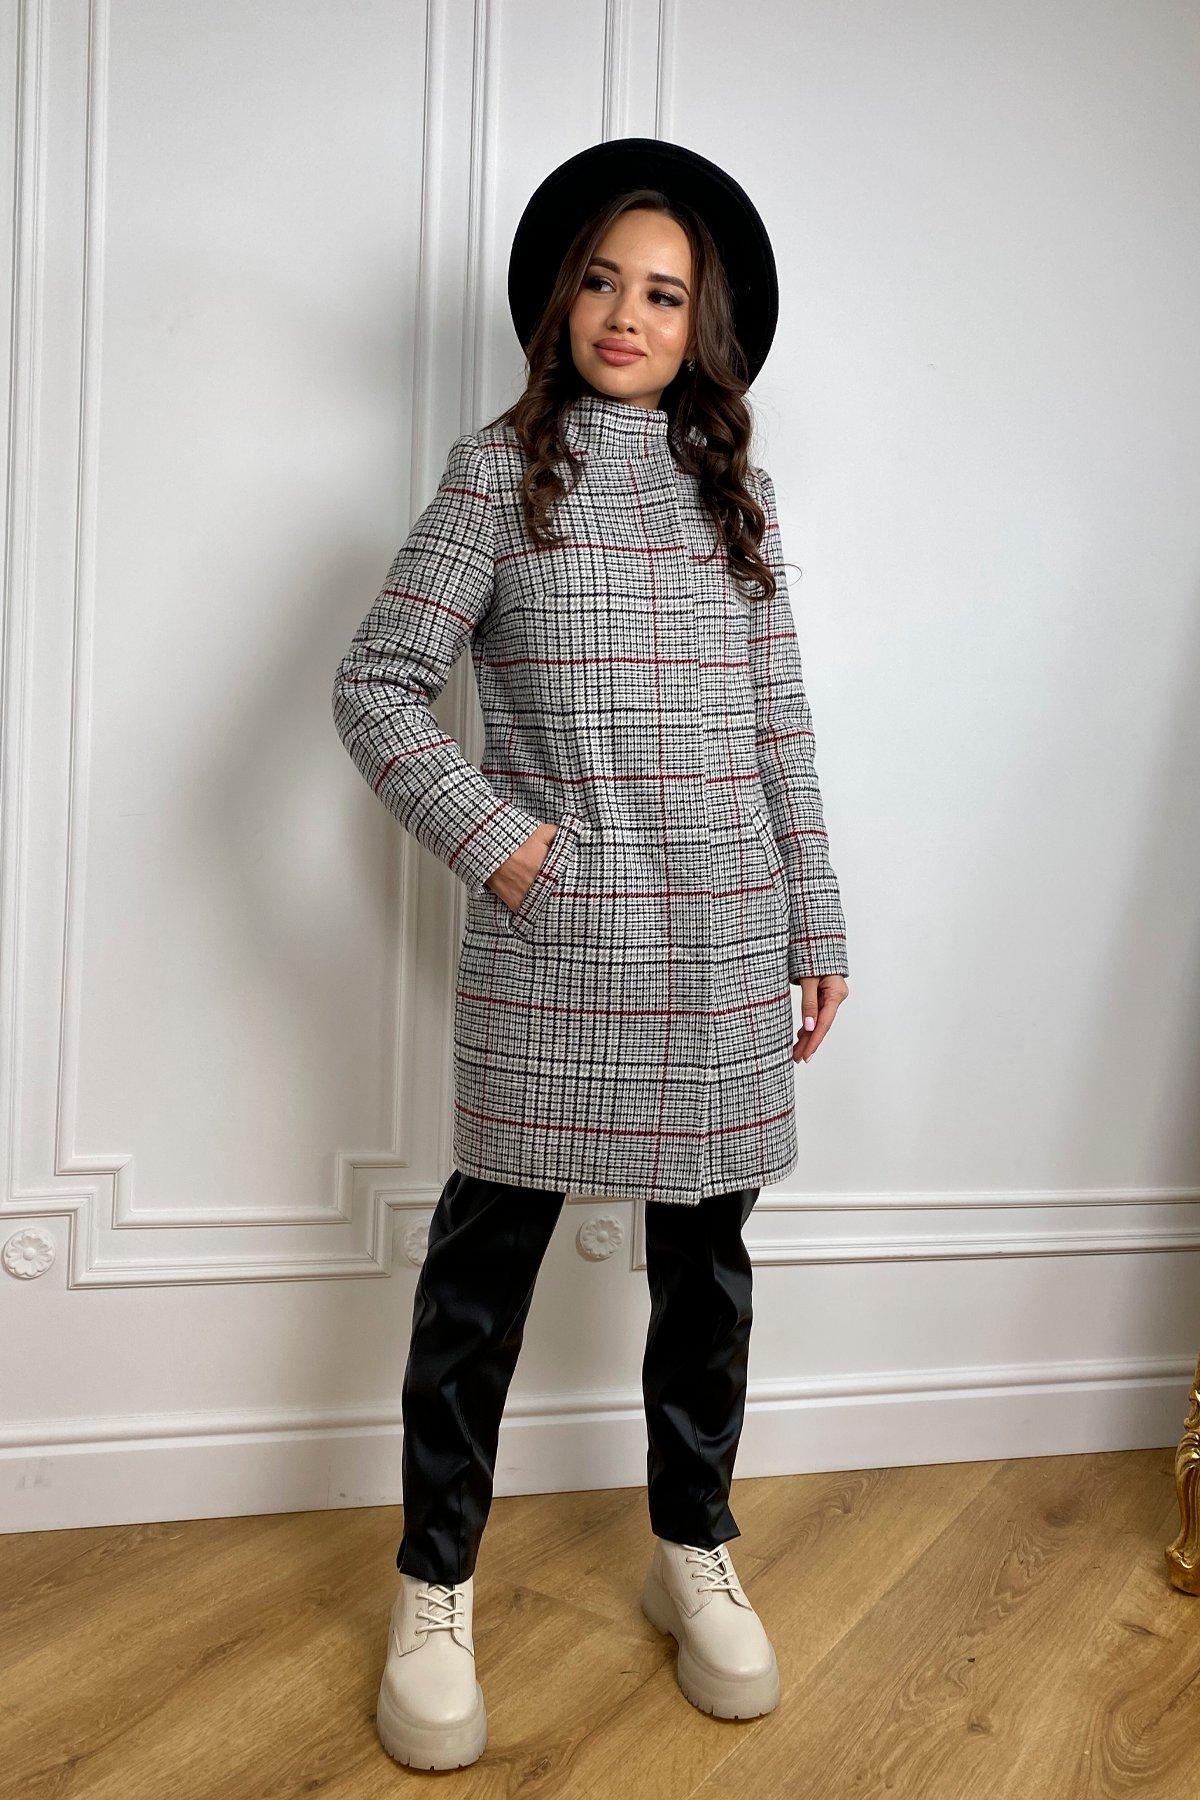 Пальто зима Фортуна 8317 в клетку АРТ. 44791 Цвет: Клетка кр черн/сер/вин - фото 2, интернет магазин tm-modus.ru